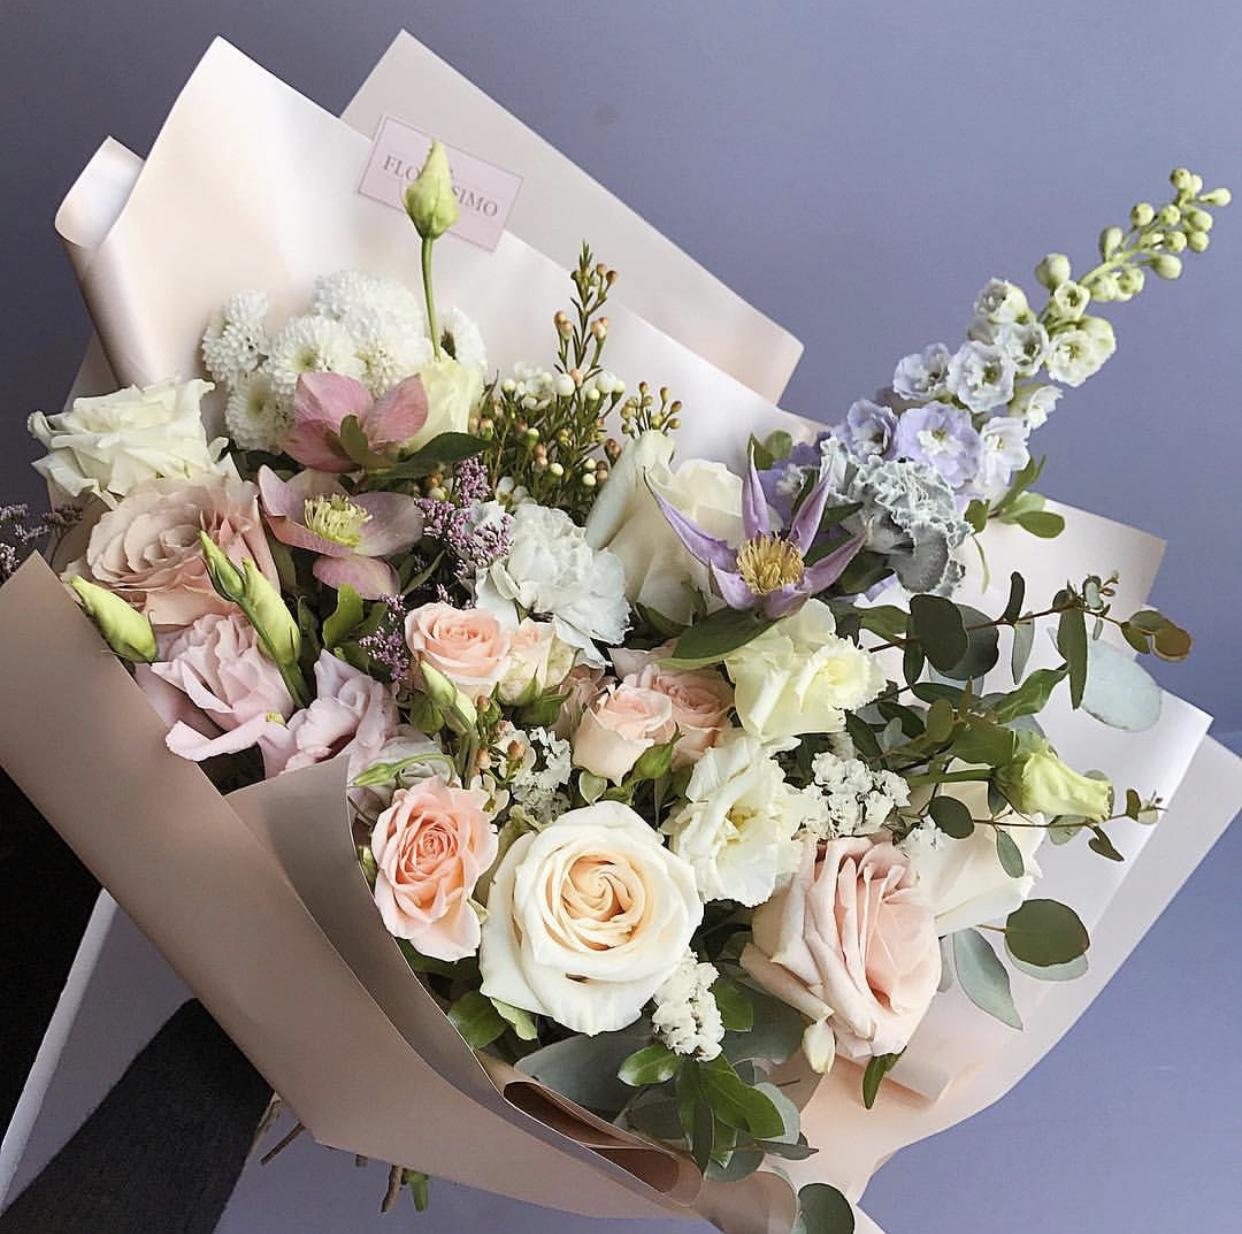 Купить букетов цветов в казани, цветов моисеенко